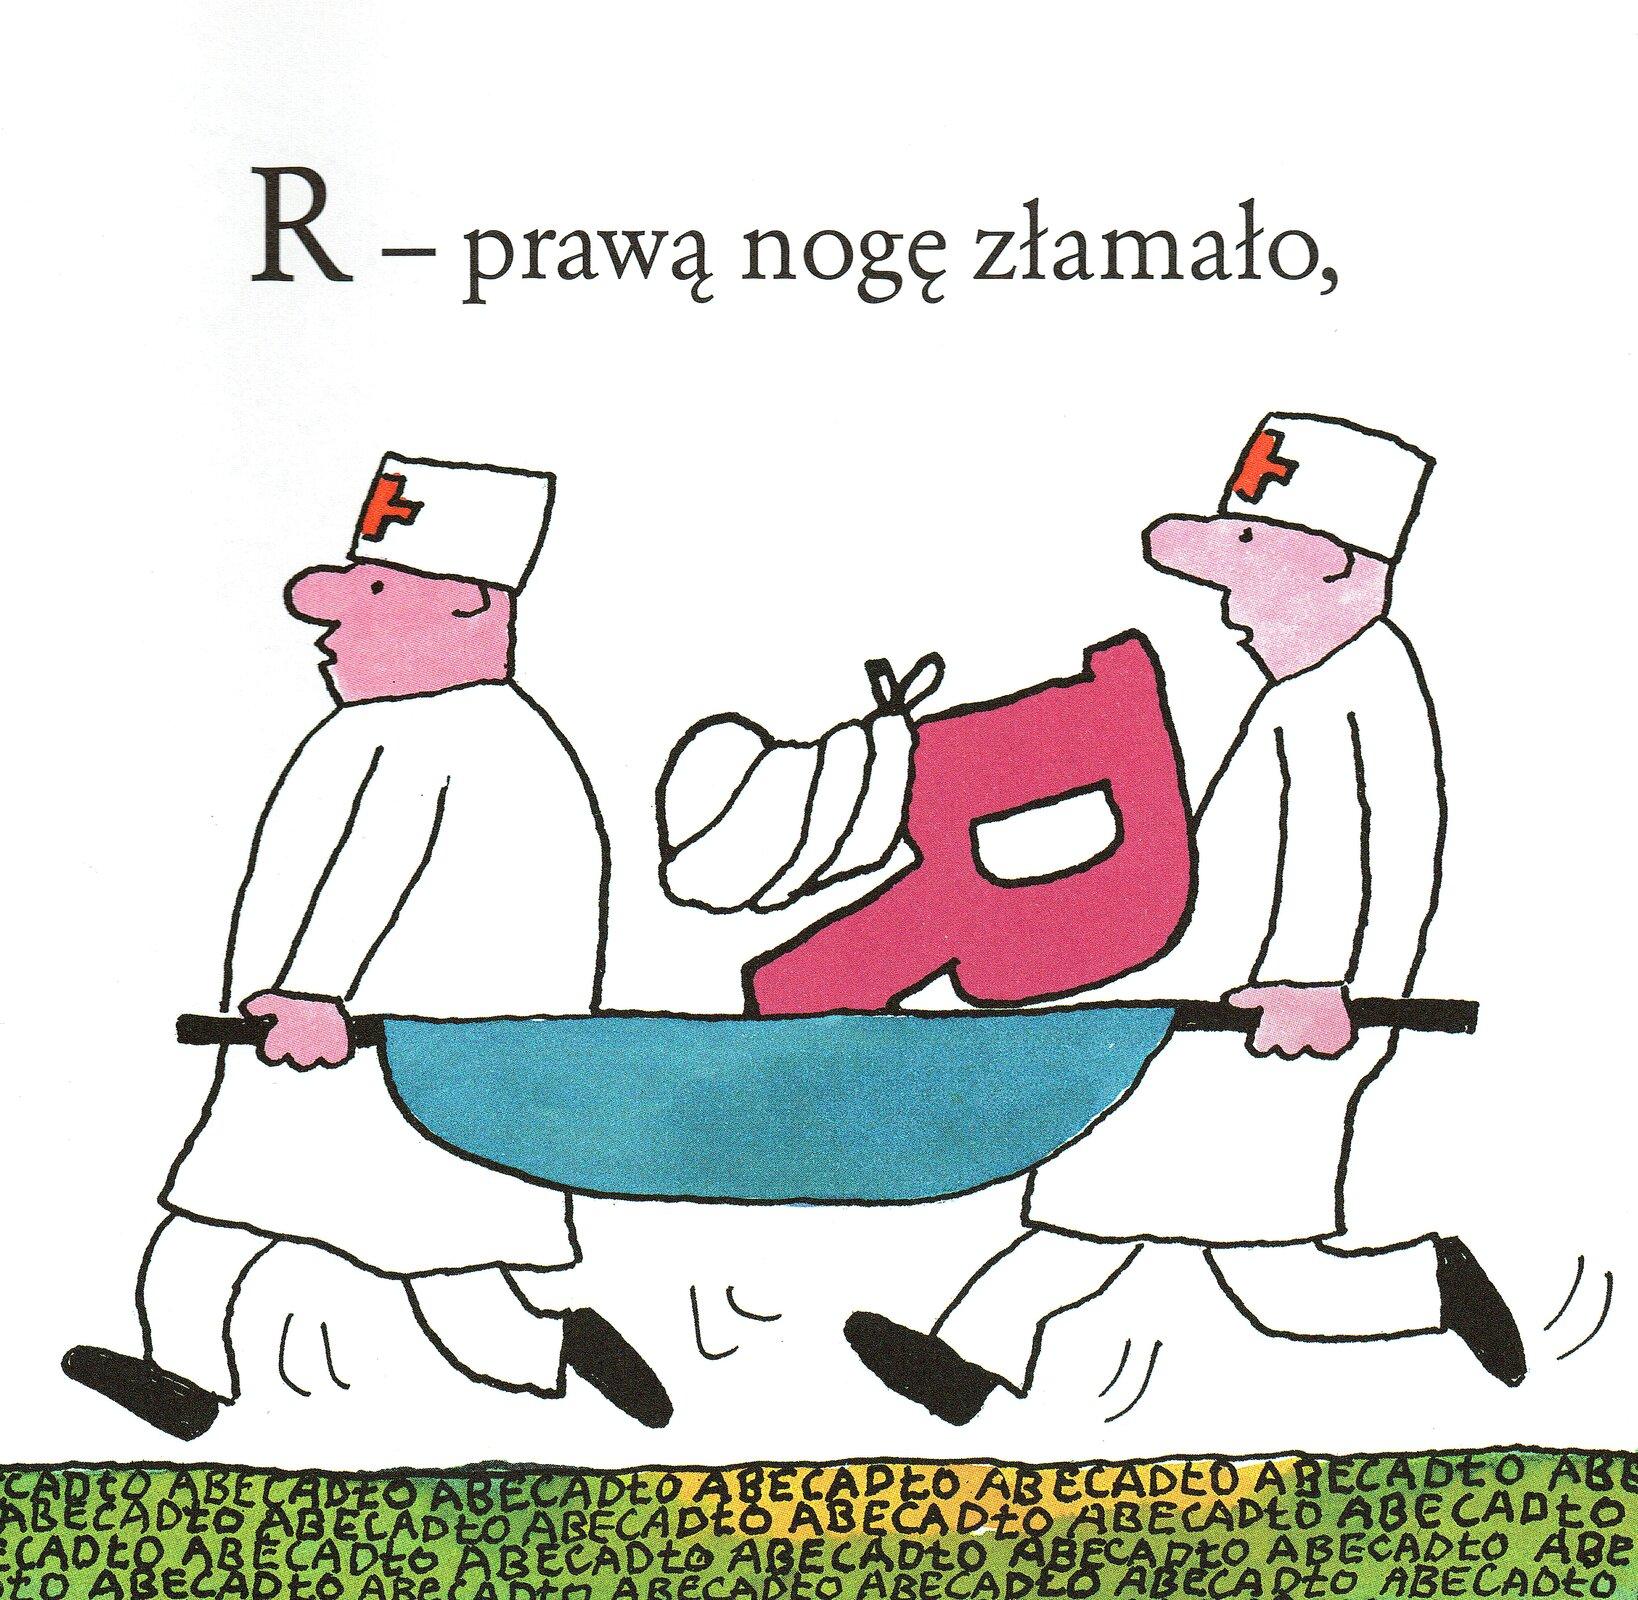 """Ilustracja przedstawia pracę Bohdana Butenki zksiążki Juliana Tuwima """"Abecadło"""". Ukazuje dwóch sanitariuszy biegnących zniebieskimi noszami, na których znajduje się wielka litera R, której jedno zramion jest zabandażowane. Mężczyźni biegną po zielonym podłożu zpowtarzającym się hasłem ABECADŁO. Na górze znajduje się napis: """"R - prawą nogę złamało,""""."""